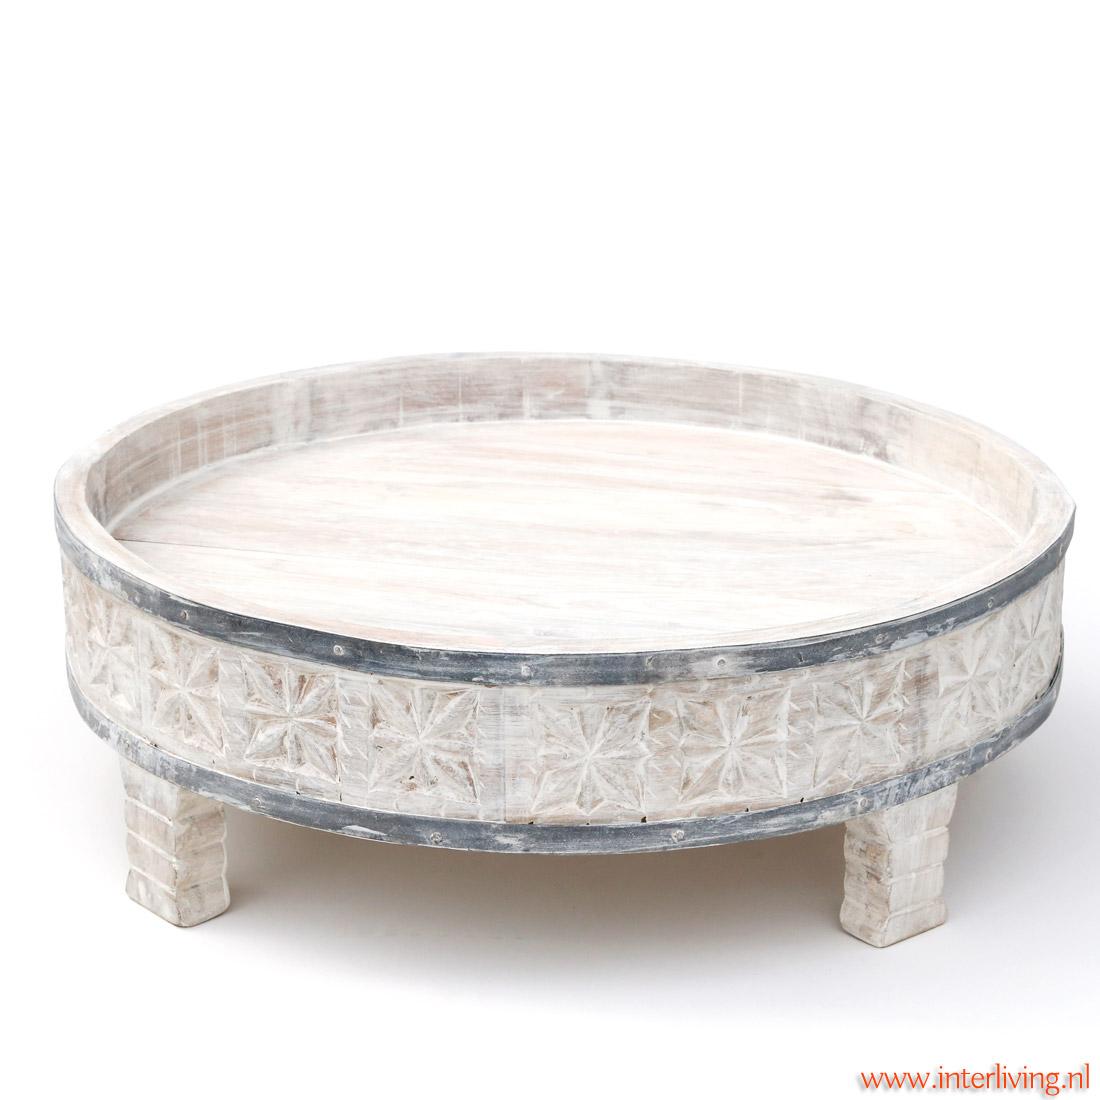 rond wit salontafeltje met oosters houtsnijwerk handgemaakt - bijzettafeltje van mangohout  uit India met bijpassend rond kussens leverbaar in diverse dessins en kleuren